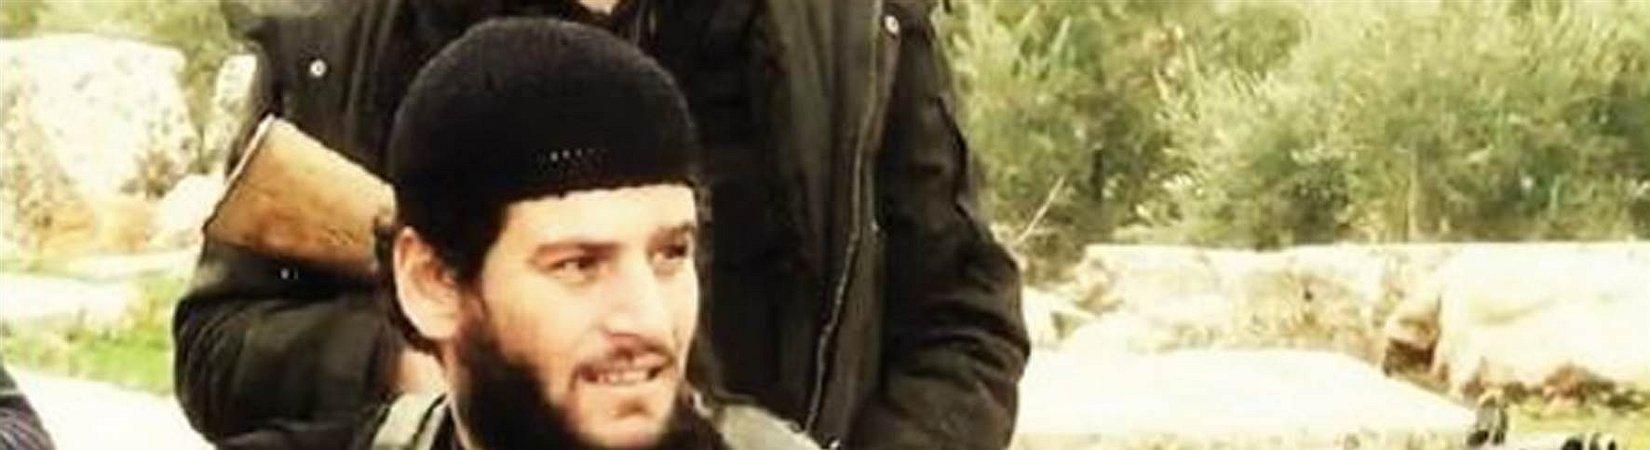 Eliminado un líder clave del Estado Islámico